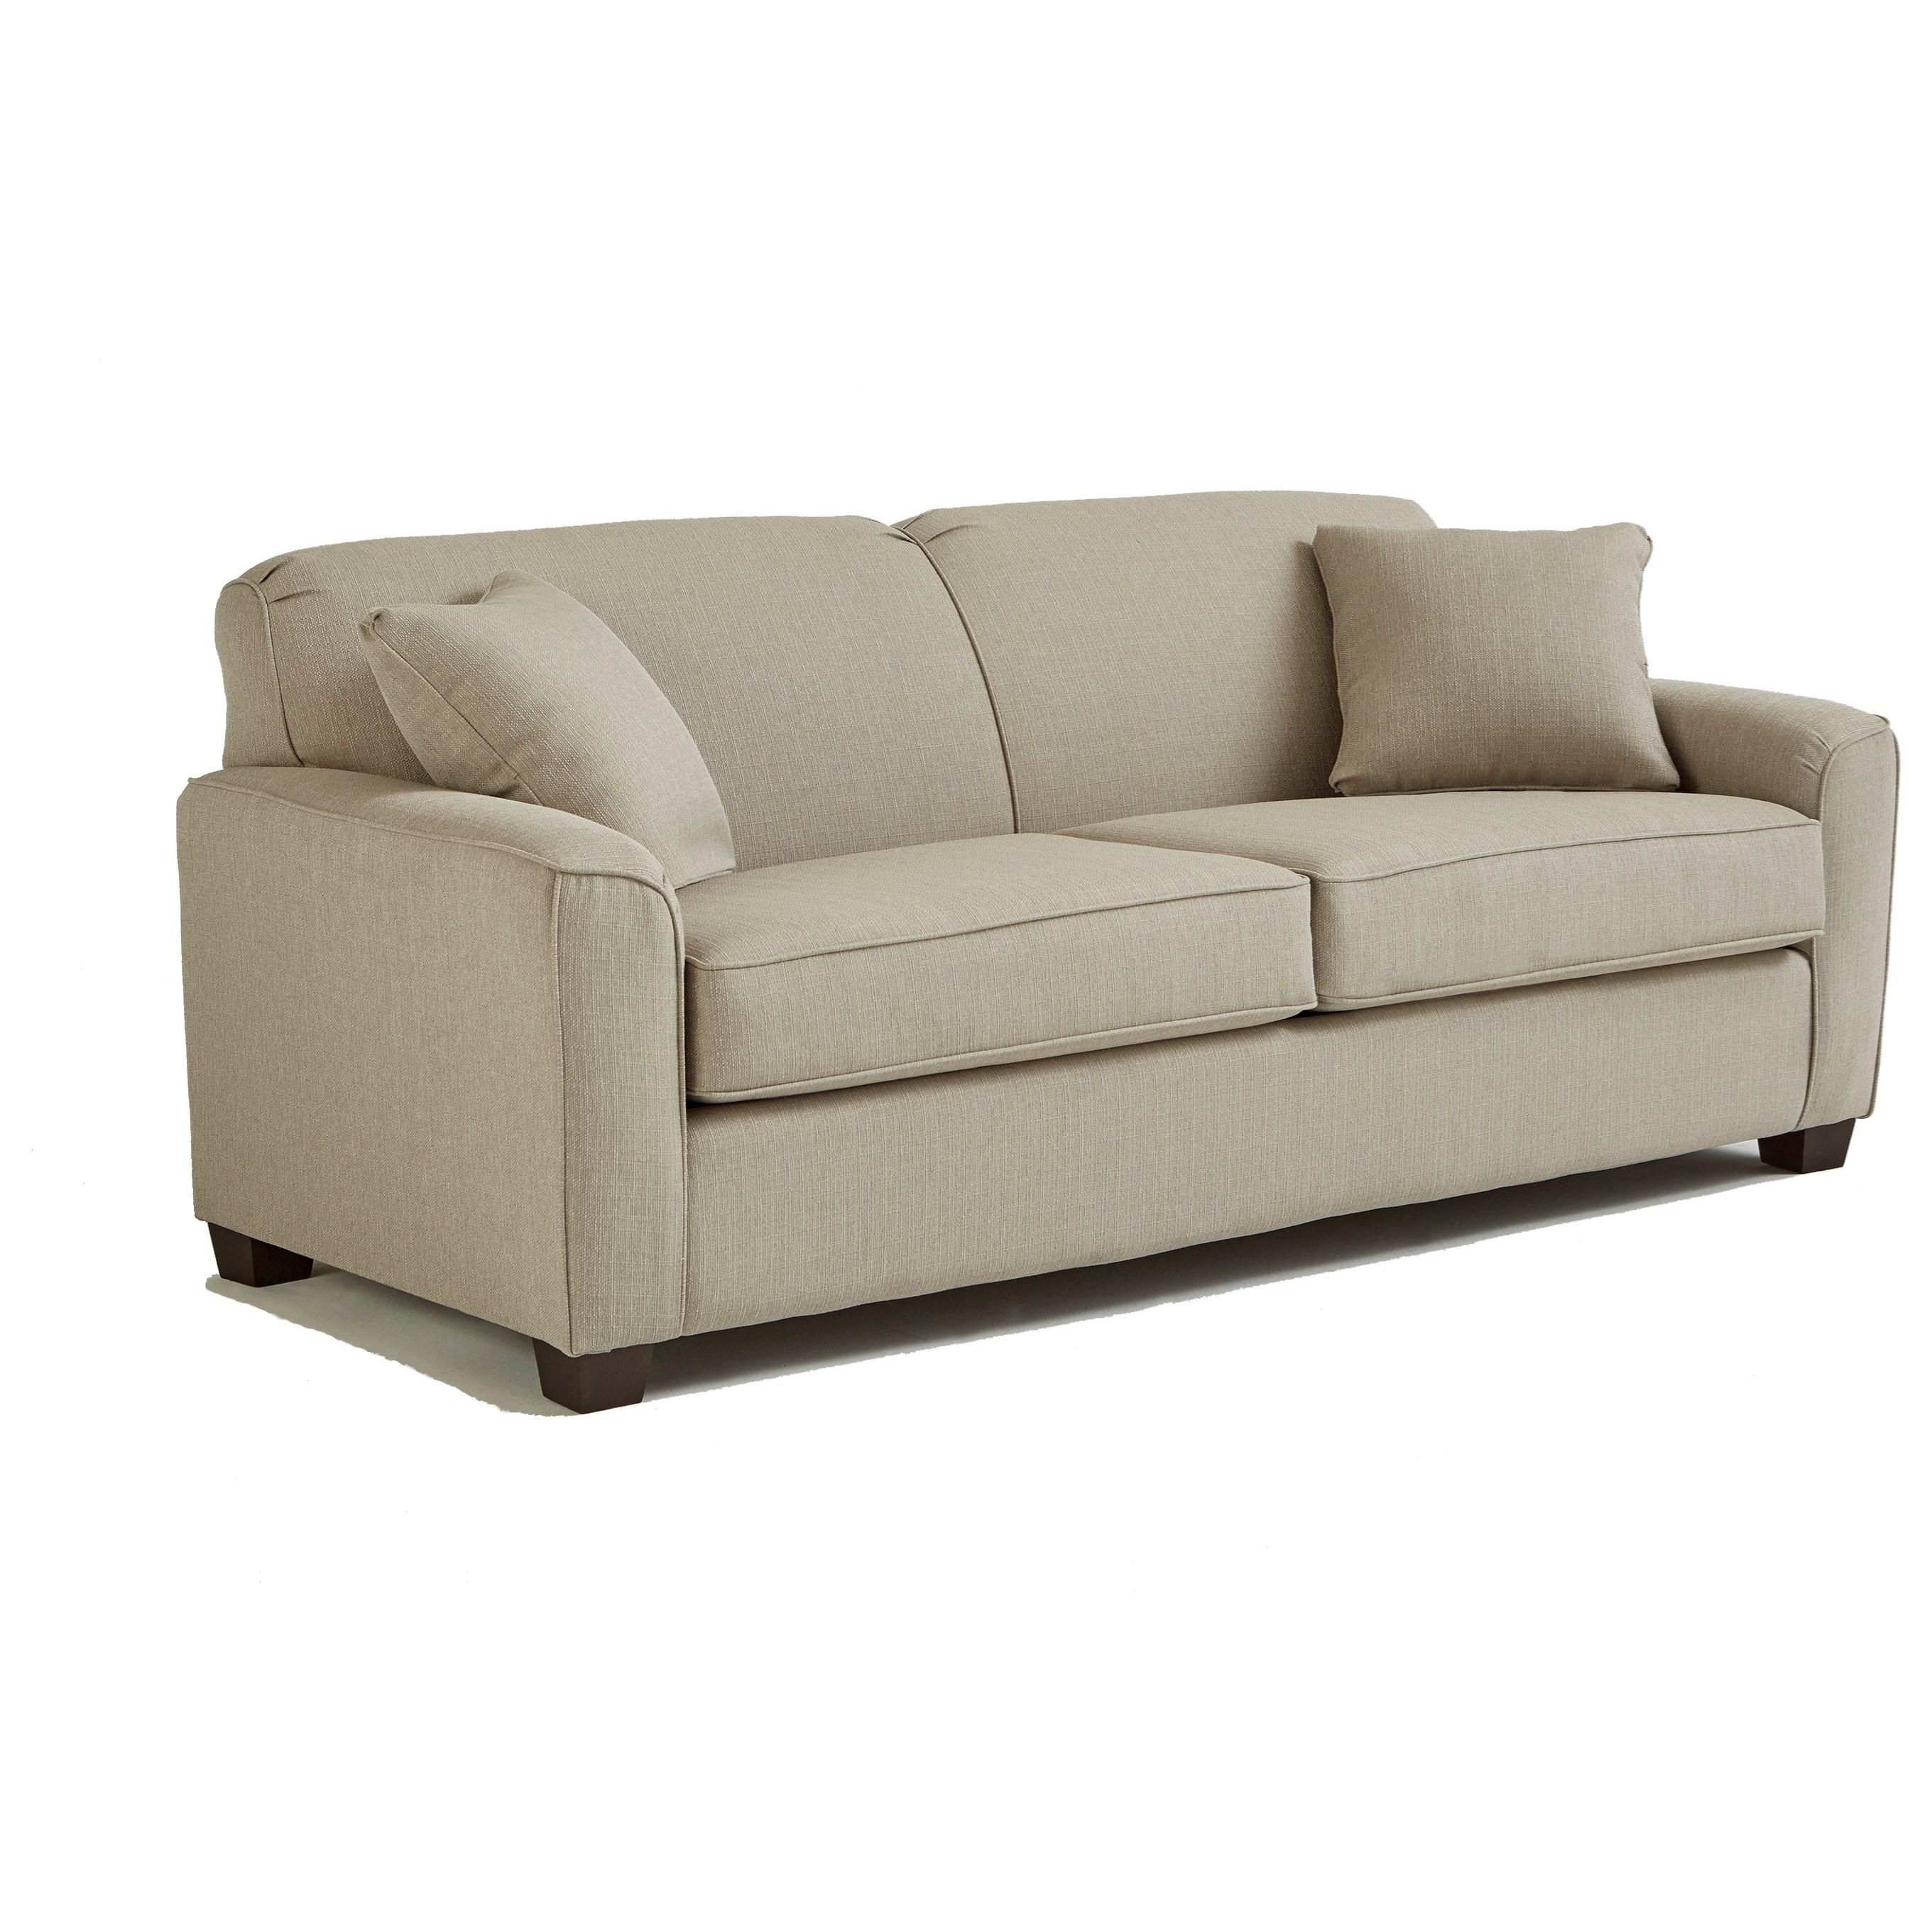 Dinah Queen Sofa Sleeper w/ Air Dream Mattress by Best Home Furnishings at Lapeer Furniture & Mattress Center